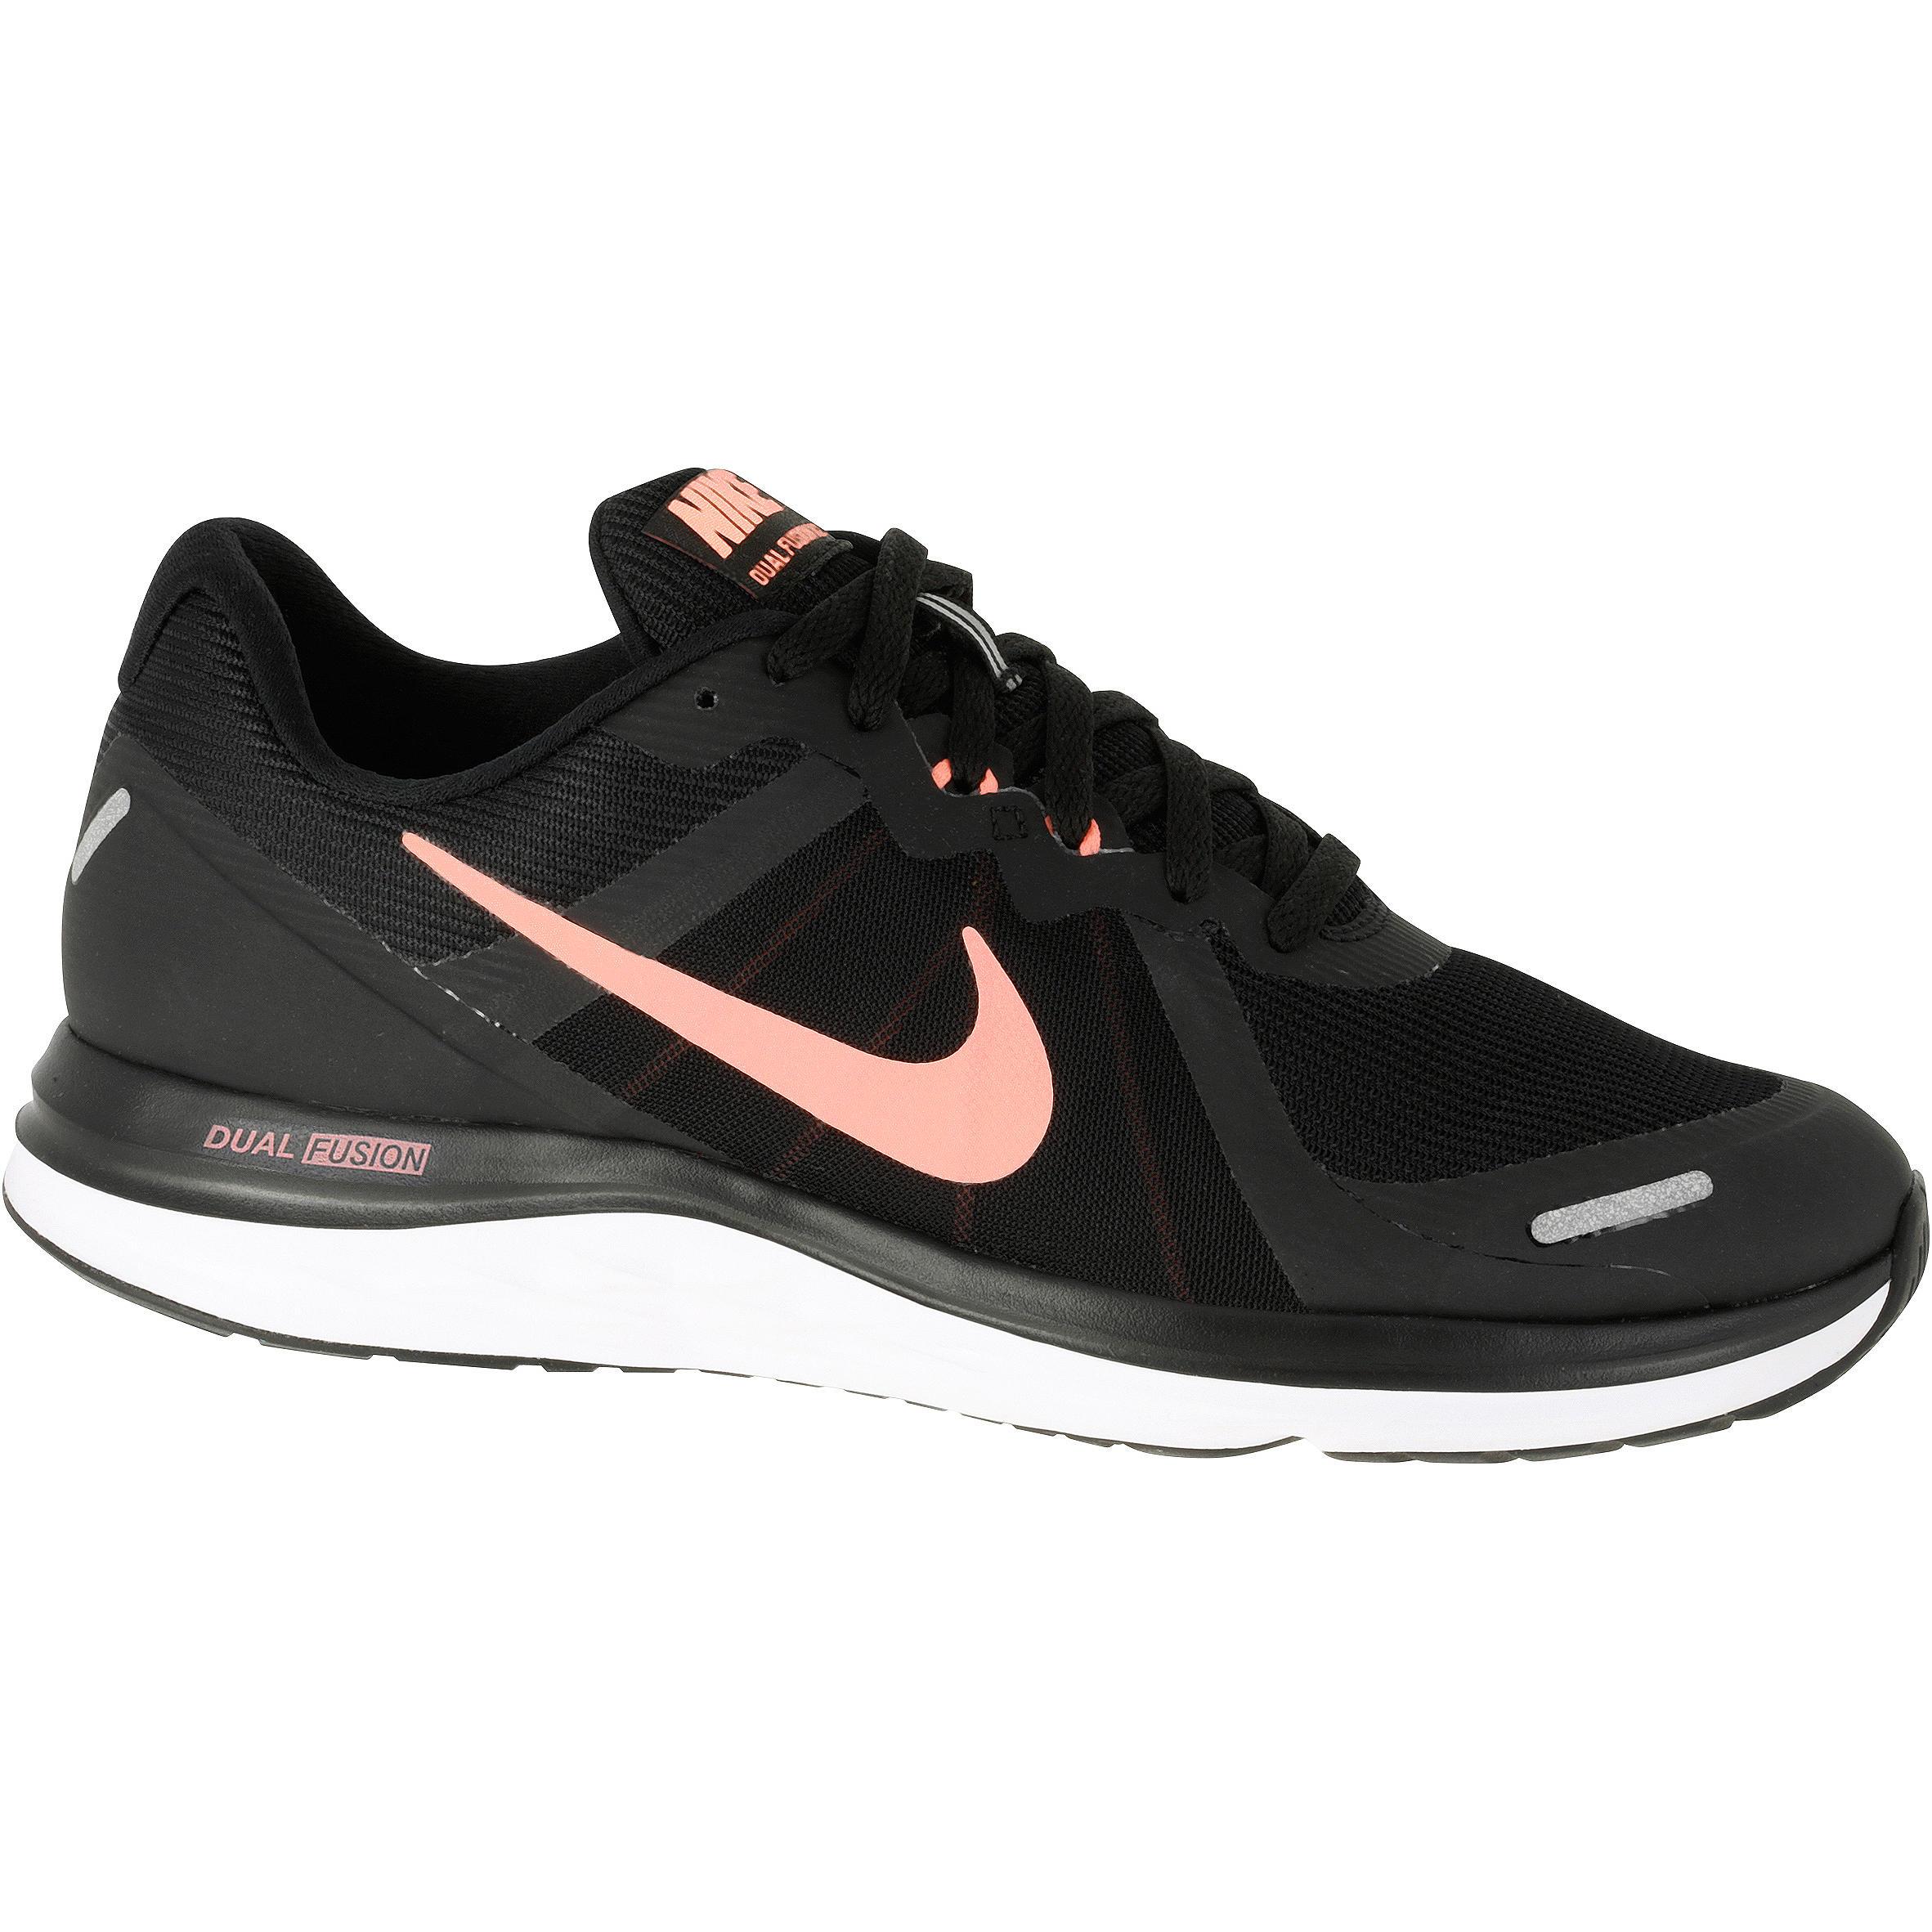 4c1ffd6c7e1b0 Zapatillas de running mujer NIKE DUAL FUSION X2 negro Nike